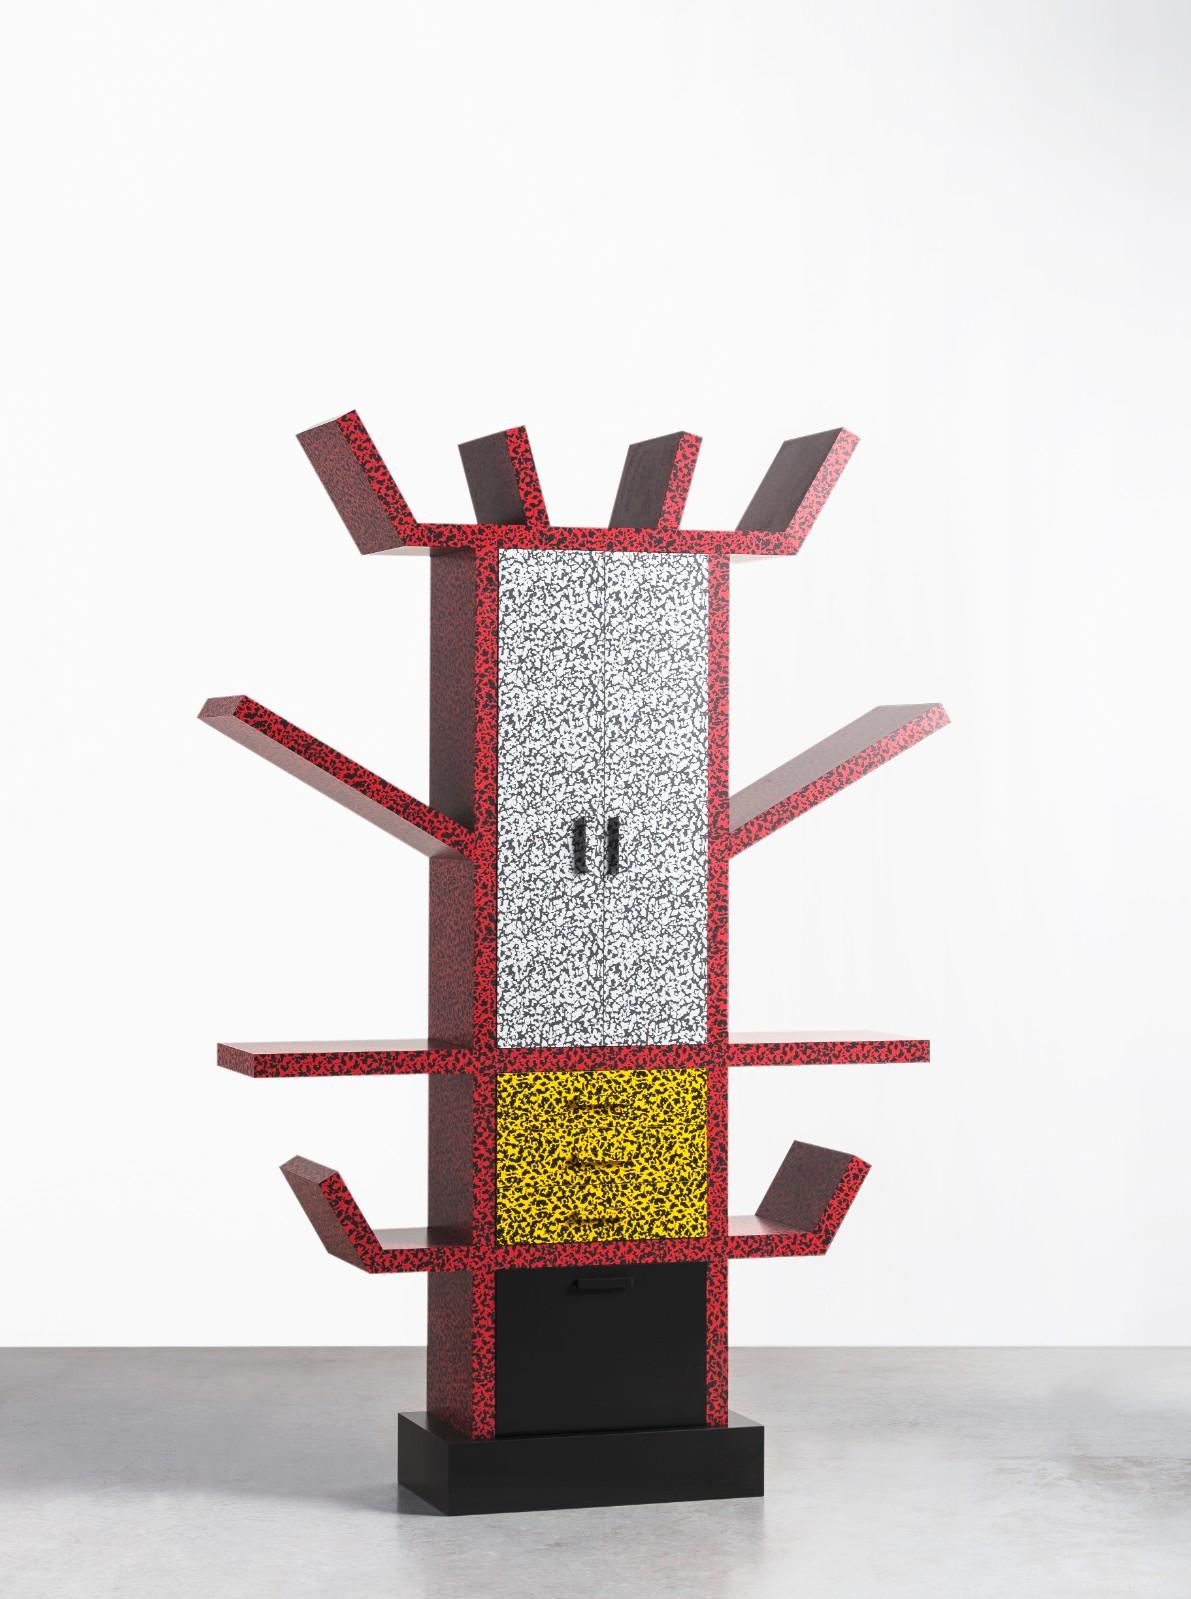 17 埃托·索特薩斯 卡薩布蘭卡柜架  1980年.jpg